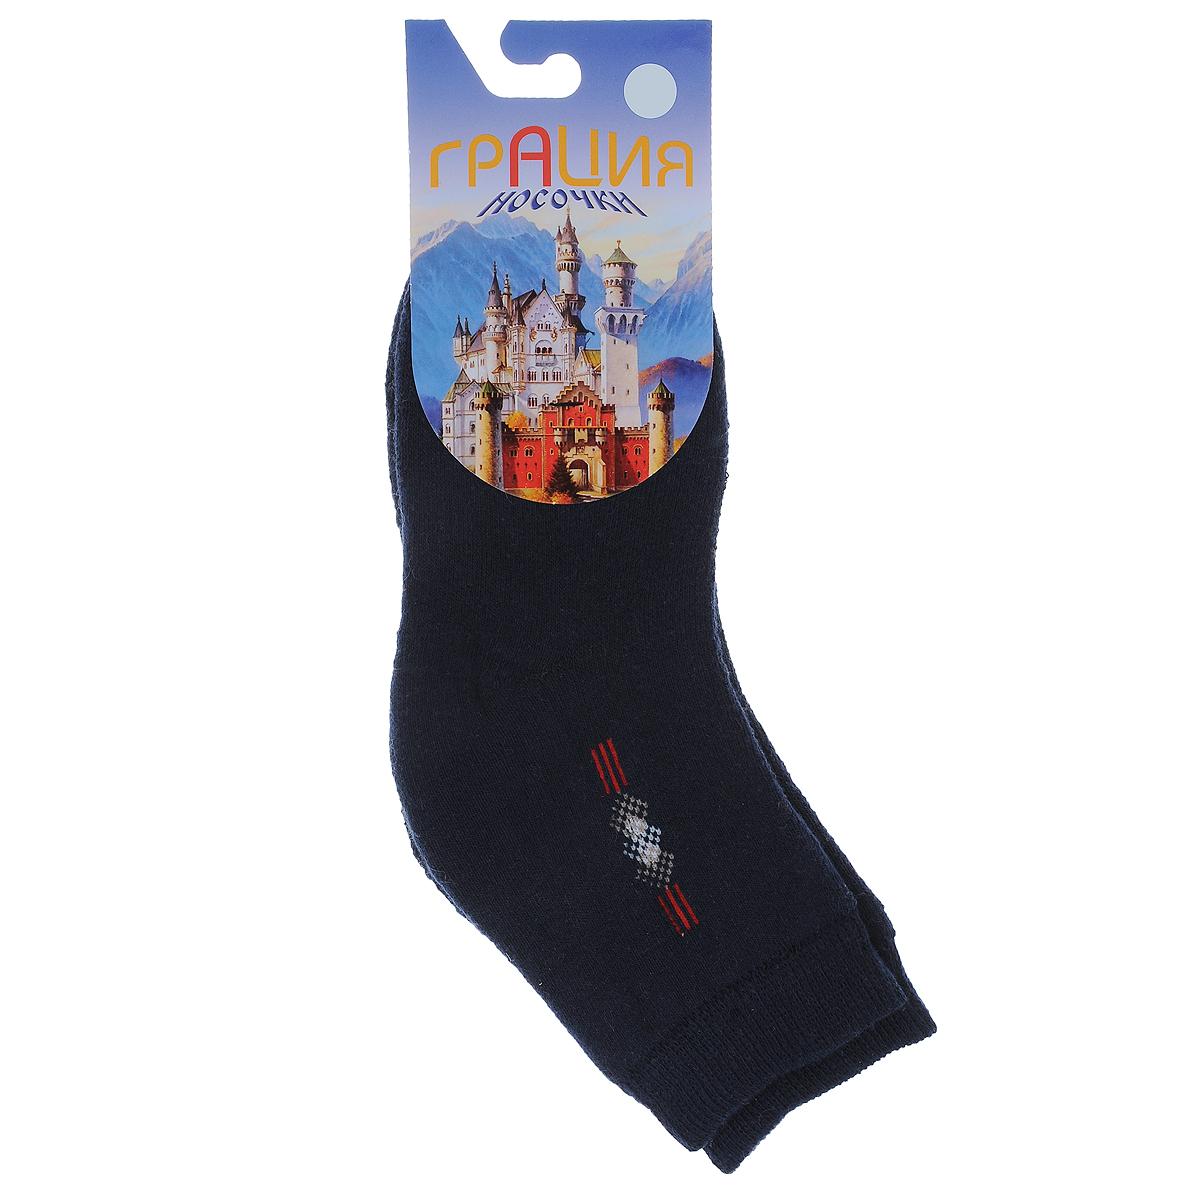 НоскиД 2063_15Детские теплые носки Грация - прекрасный вариант для вашего ребенка. Они изготовлены из пряжи смешанного состава, очень мягкие на ощупь, не раздражают даже самую нежную и чувствительную кожу. Лицевая сторона гладкая, а изнаночная - с мягкой теплой махрой. Носки имеют эластичную резинку и плоский шов на мыске. Оформлена модель на щиколотке вязаным оригинальным рисунком. Они послужат замечательным дополнением к детскому гардеробу!